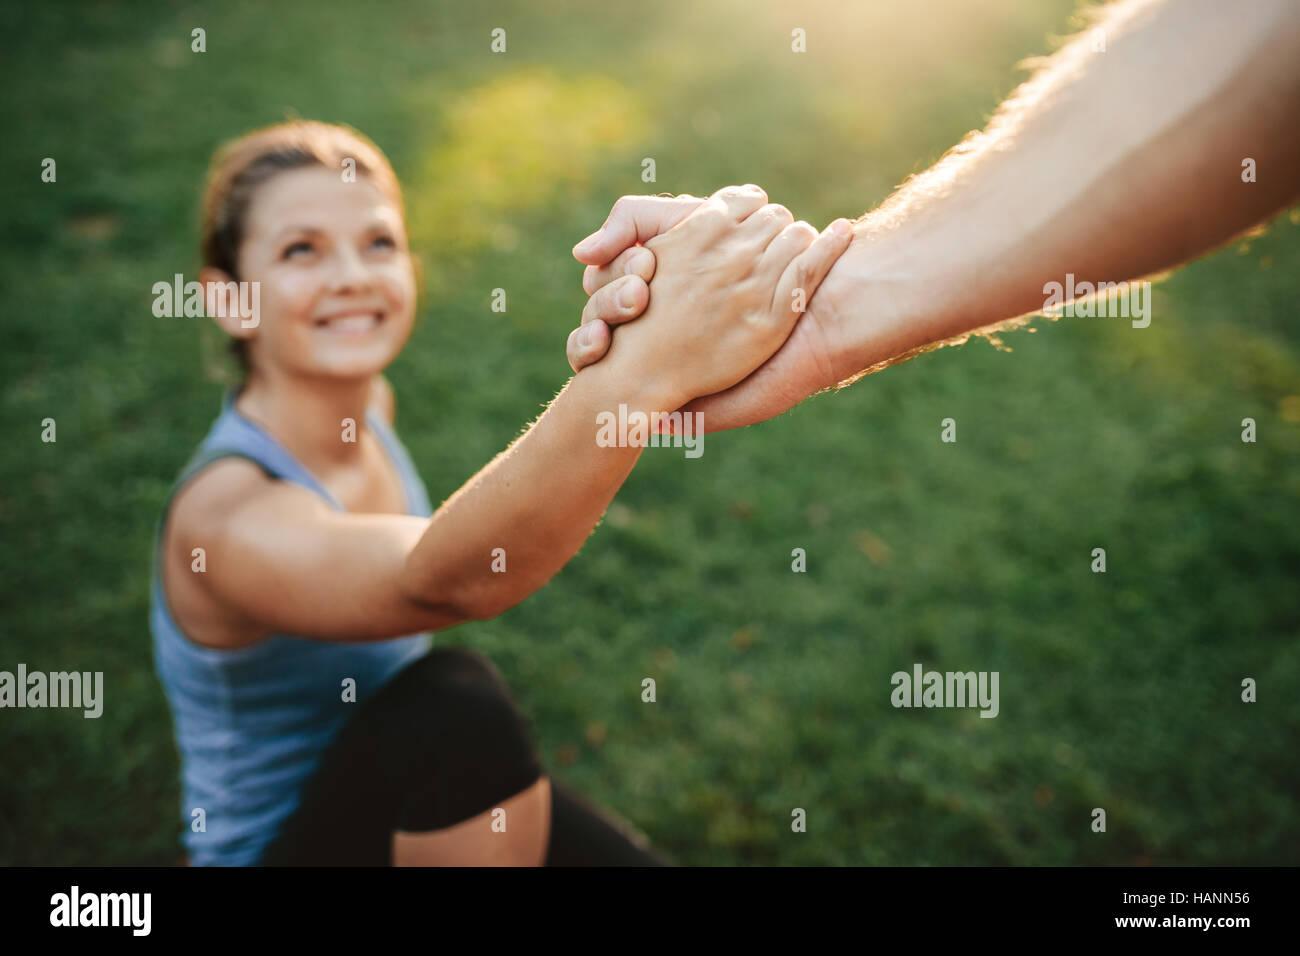 Immagine ravvicinata di uomo donna aiuta ad alzarsi in piedi. Concentrarsi sulle mani del giovane esercitare presso Immagini Stock